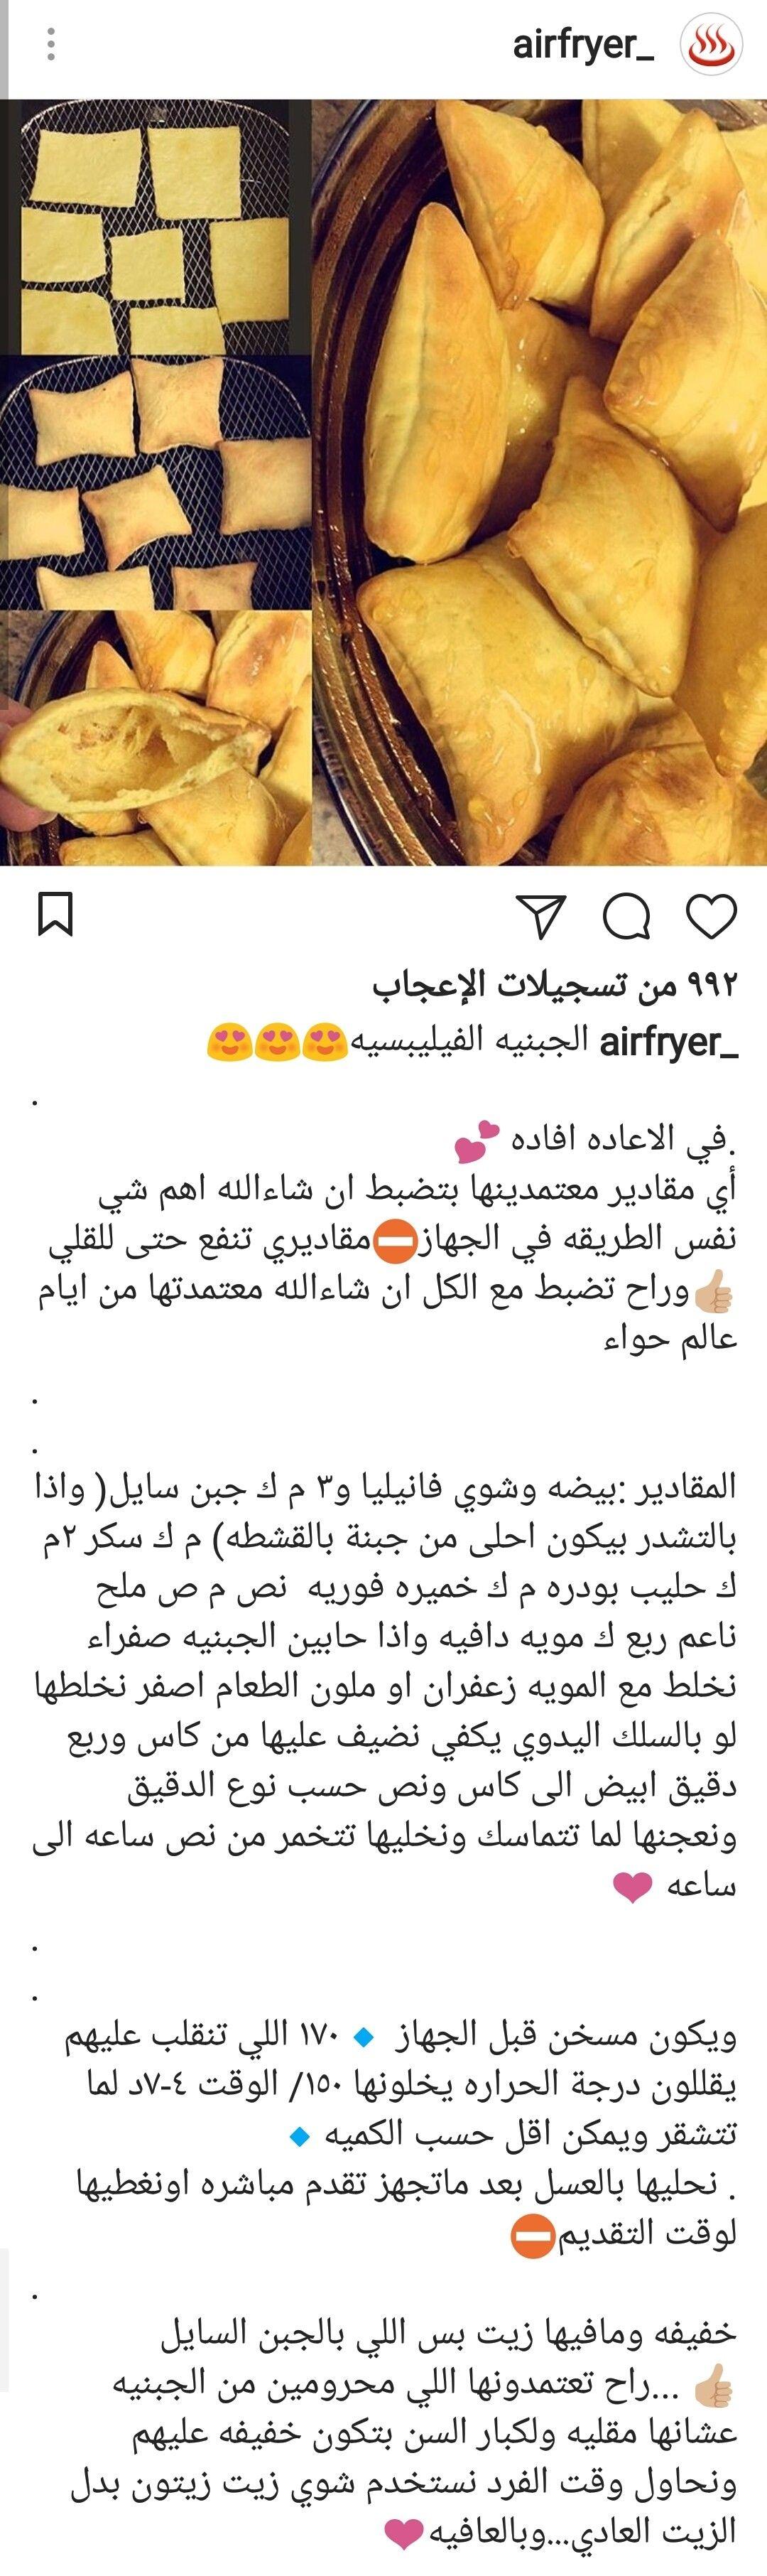 قلايةهوائية جبنية Airfryer Food Recipies Air Fryer